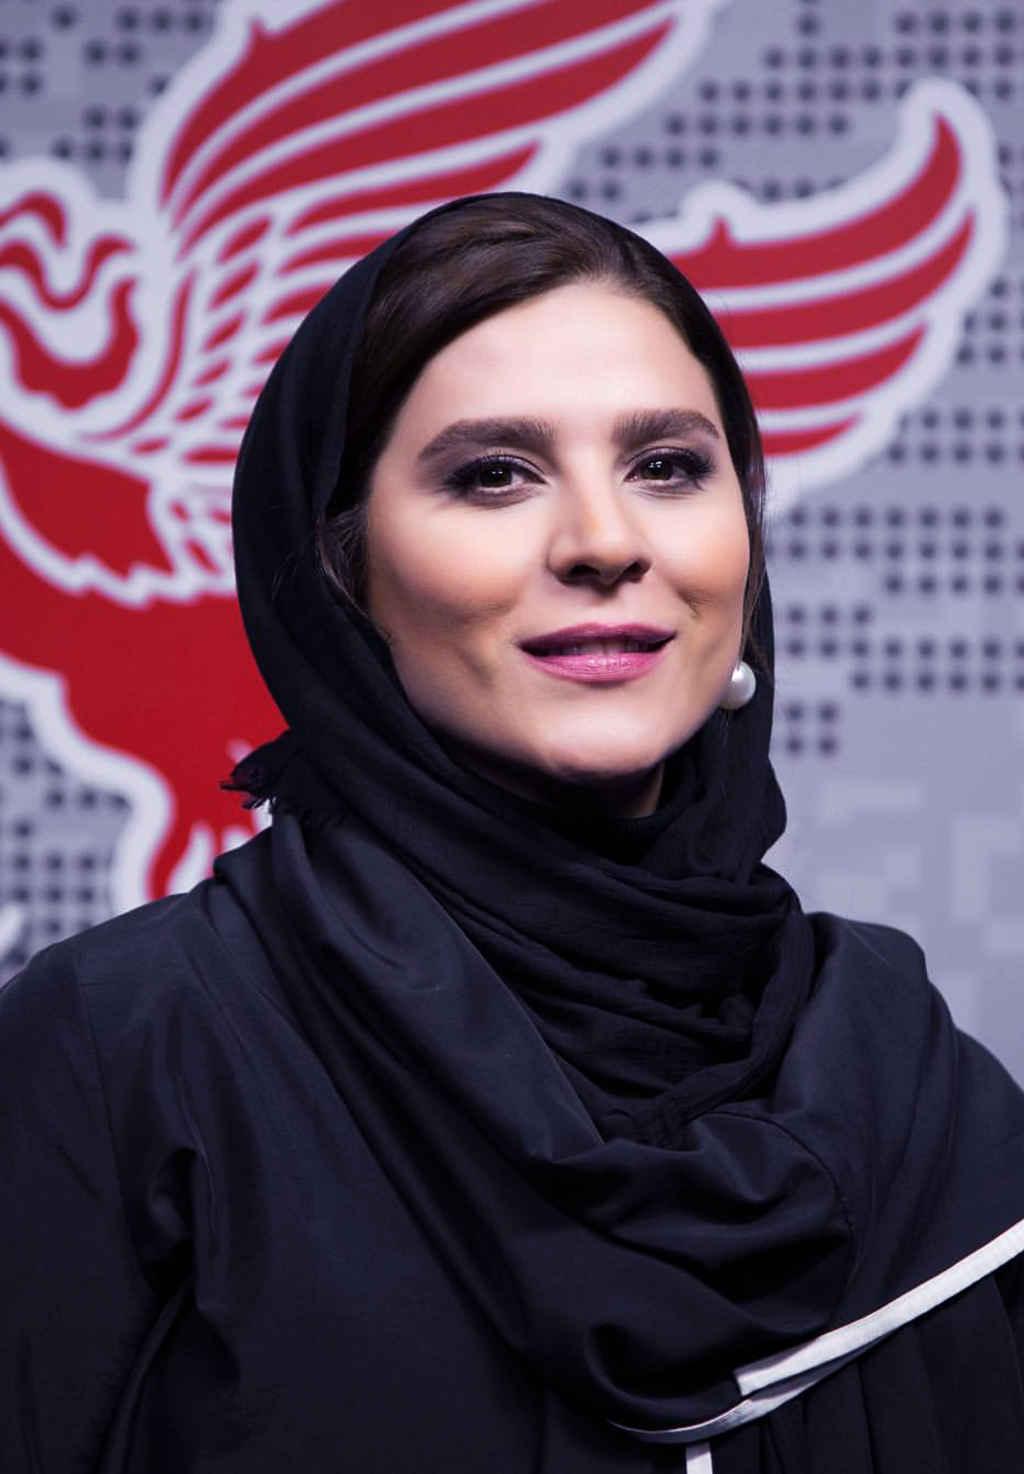 سحر دولتشاهی بازیگر در جشنواره فیلم فجر